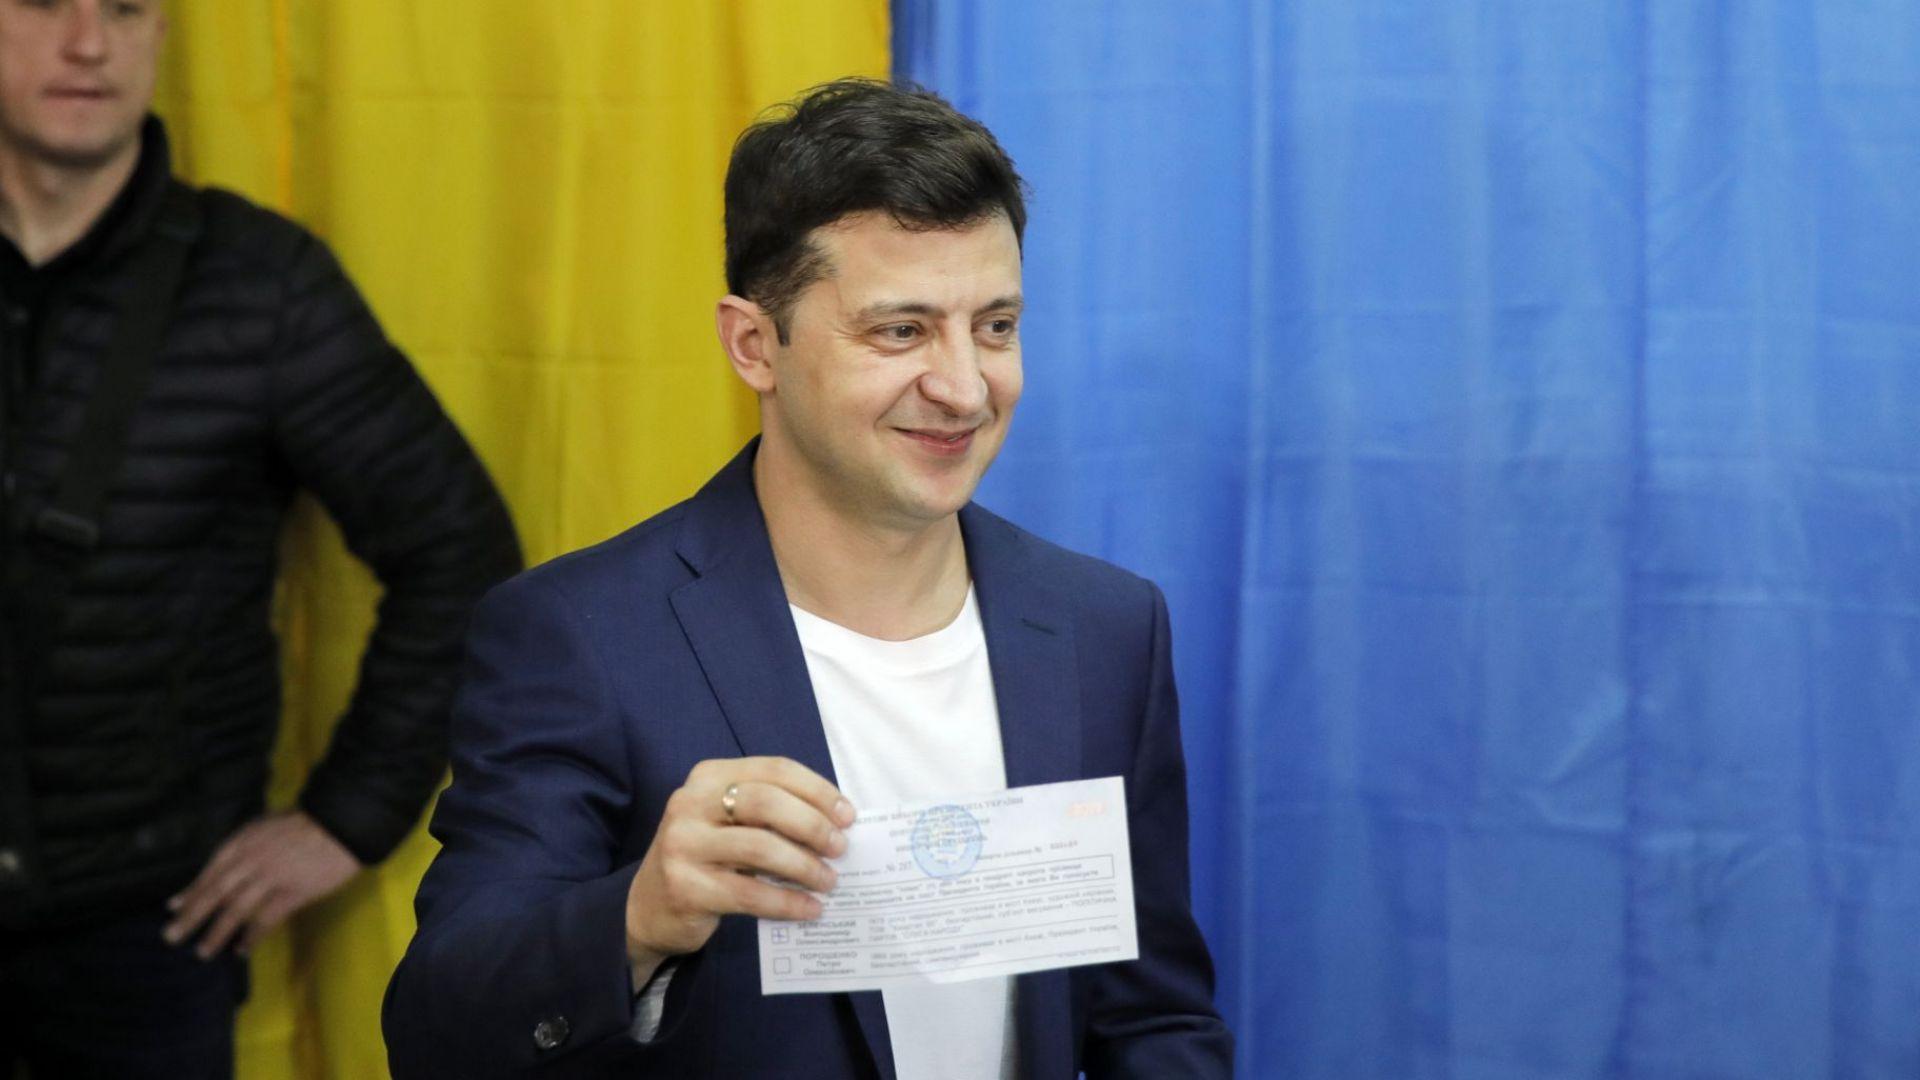 Зеленски пя Еминем пред журналисти в Украйна и отсече: Ще ги бием всичките